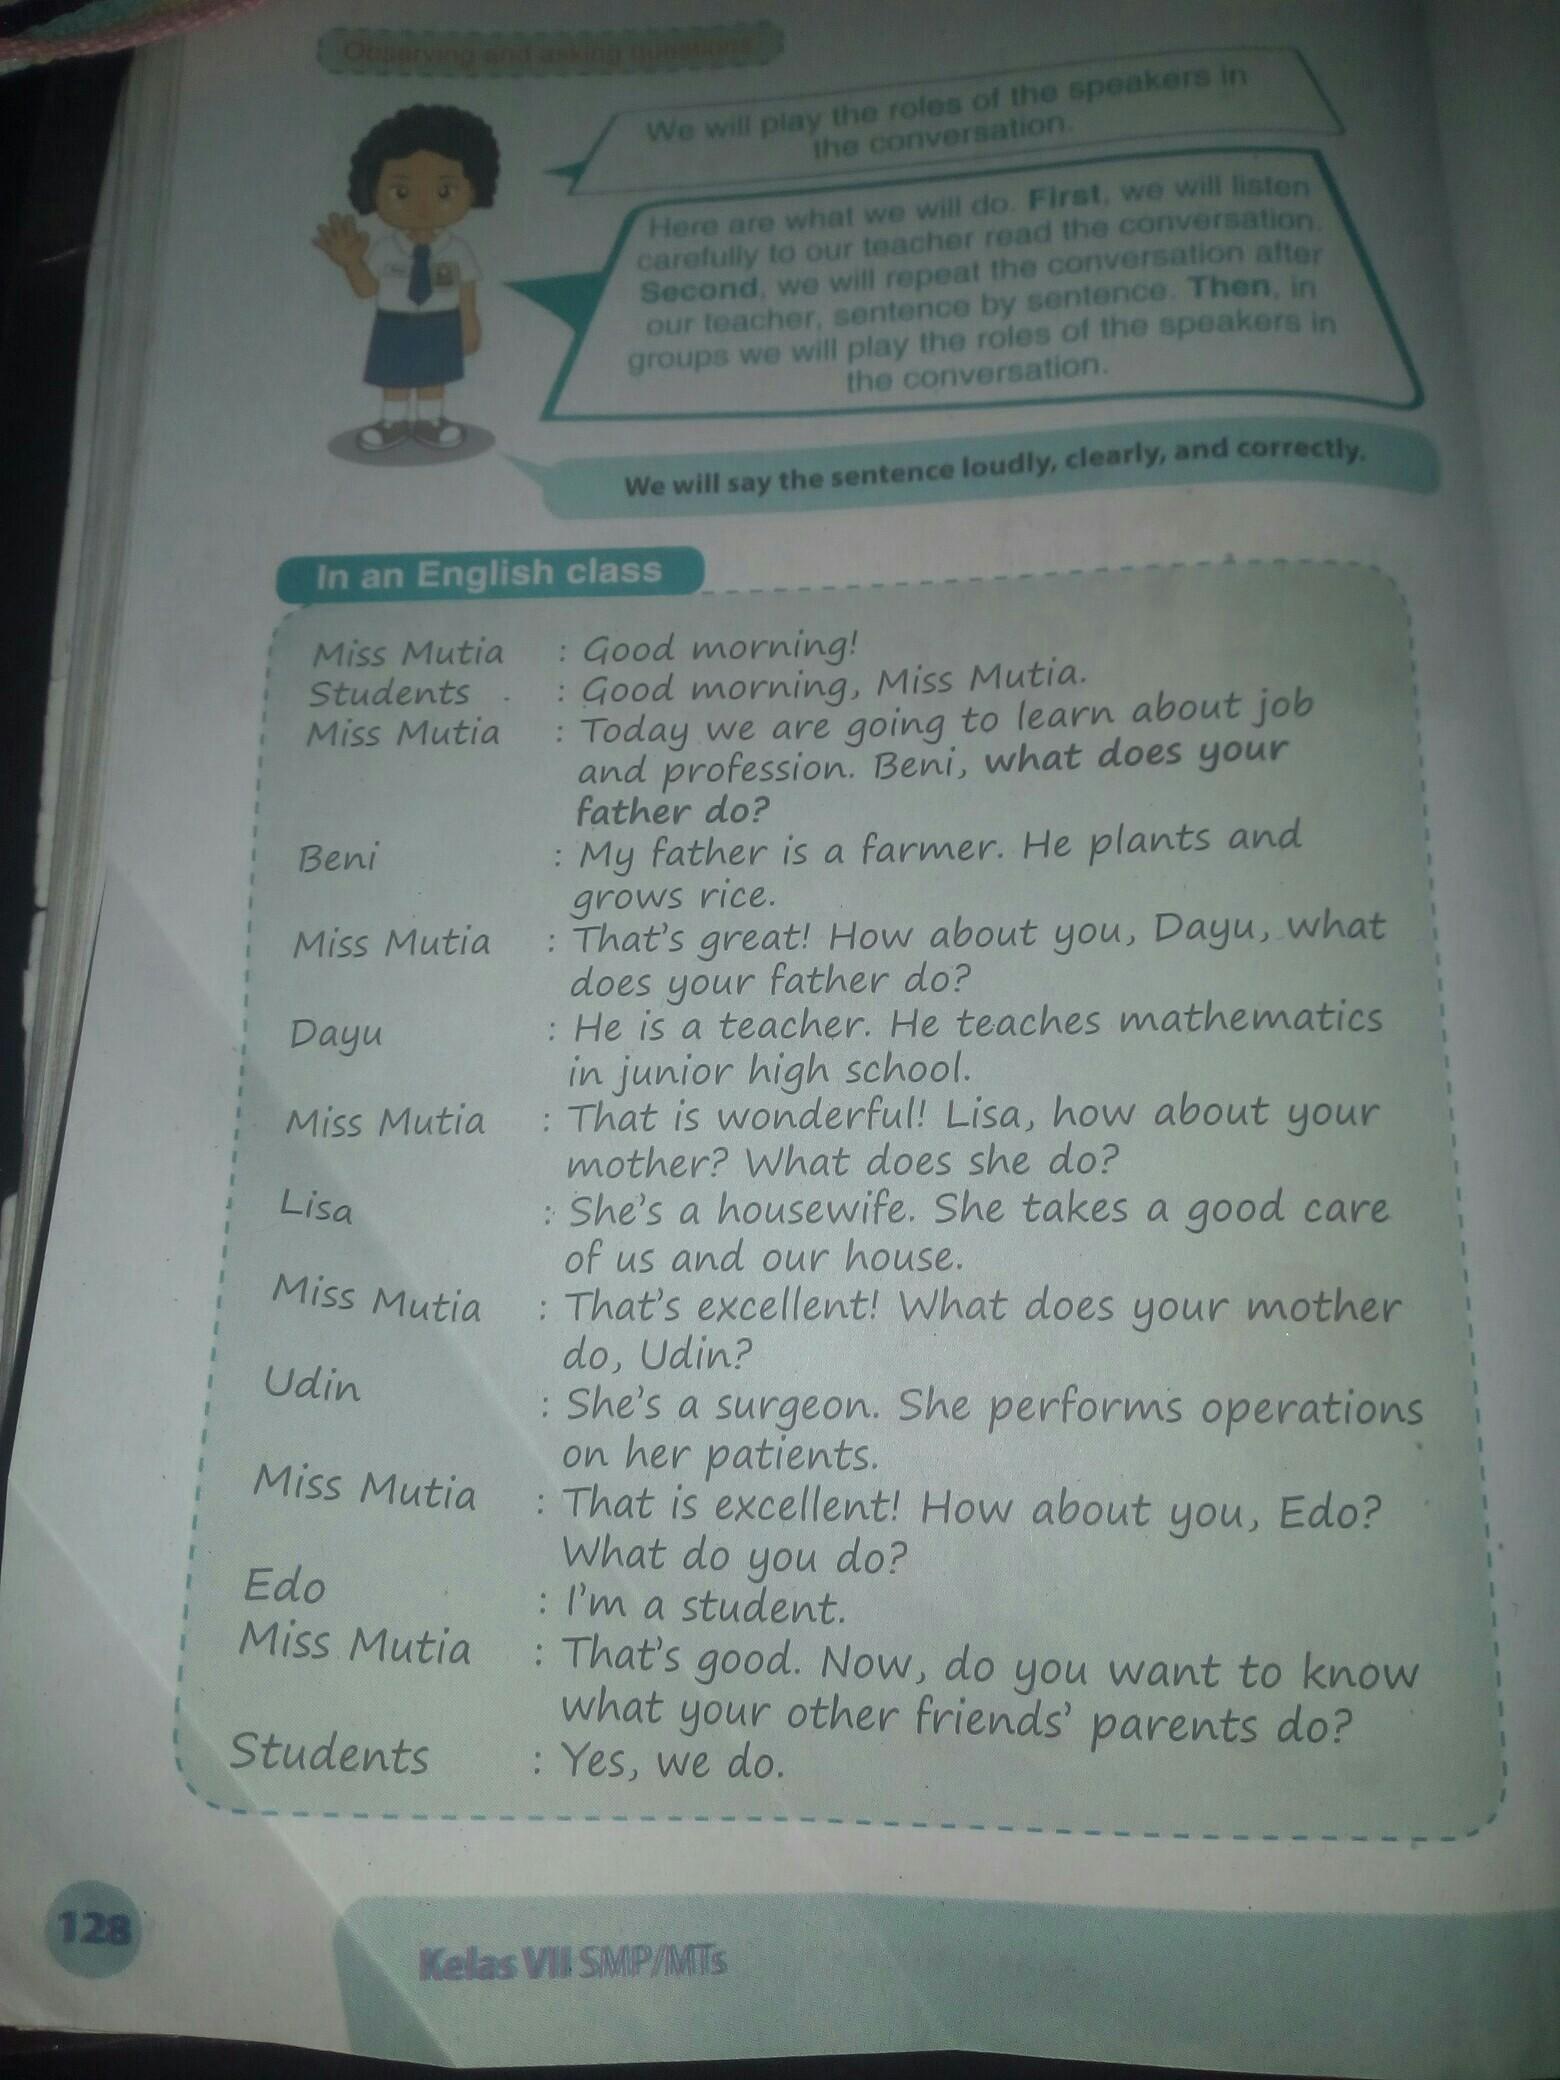 Terjemahkan Bahasa Inggris Kelas 7 Buku Paket Halaman 128 Brainly Co Id